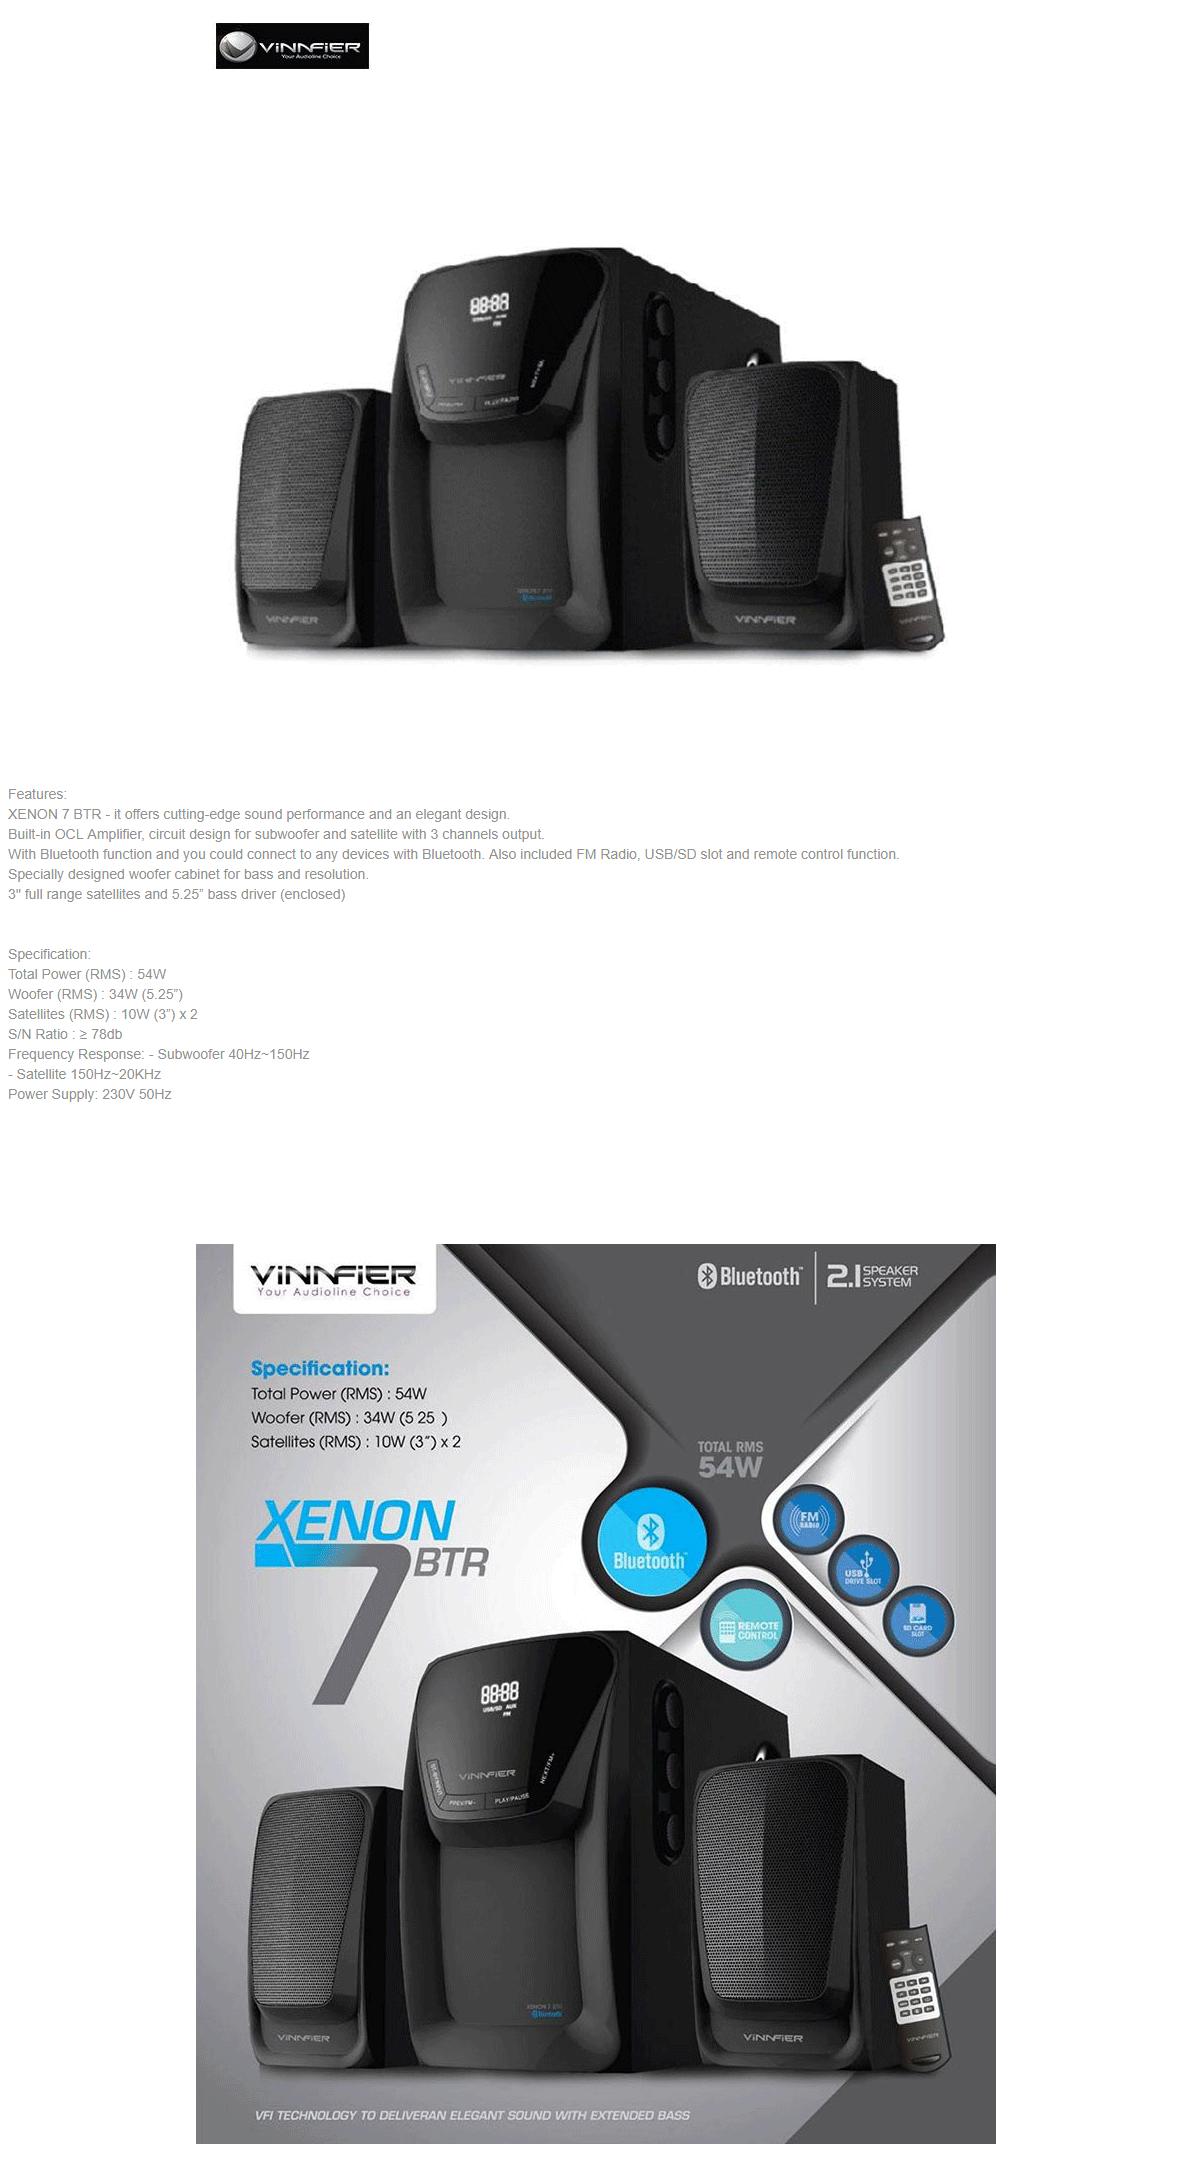 Vinnfier Xenon 7 Btr Speaker Black Bluetooth Leather Perak Product Description